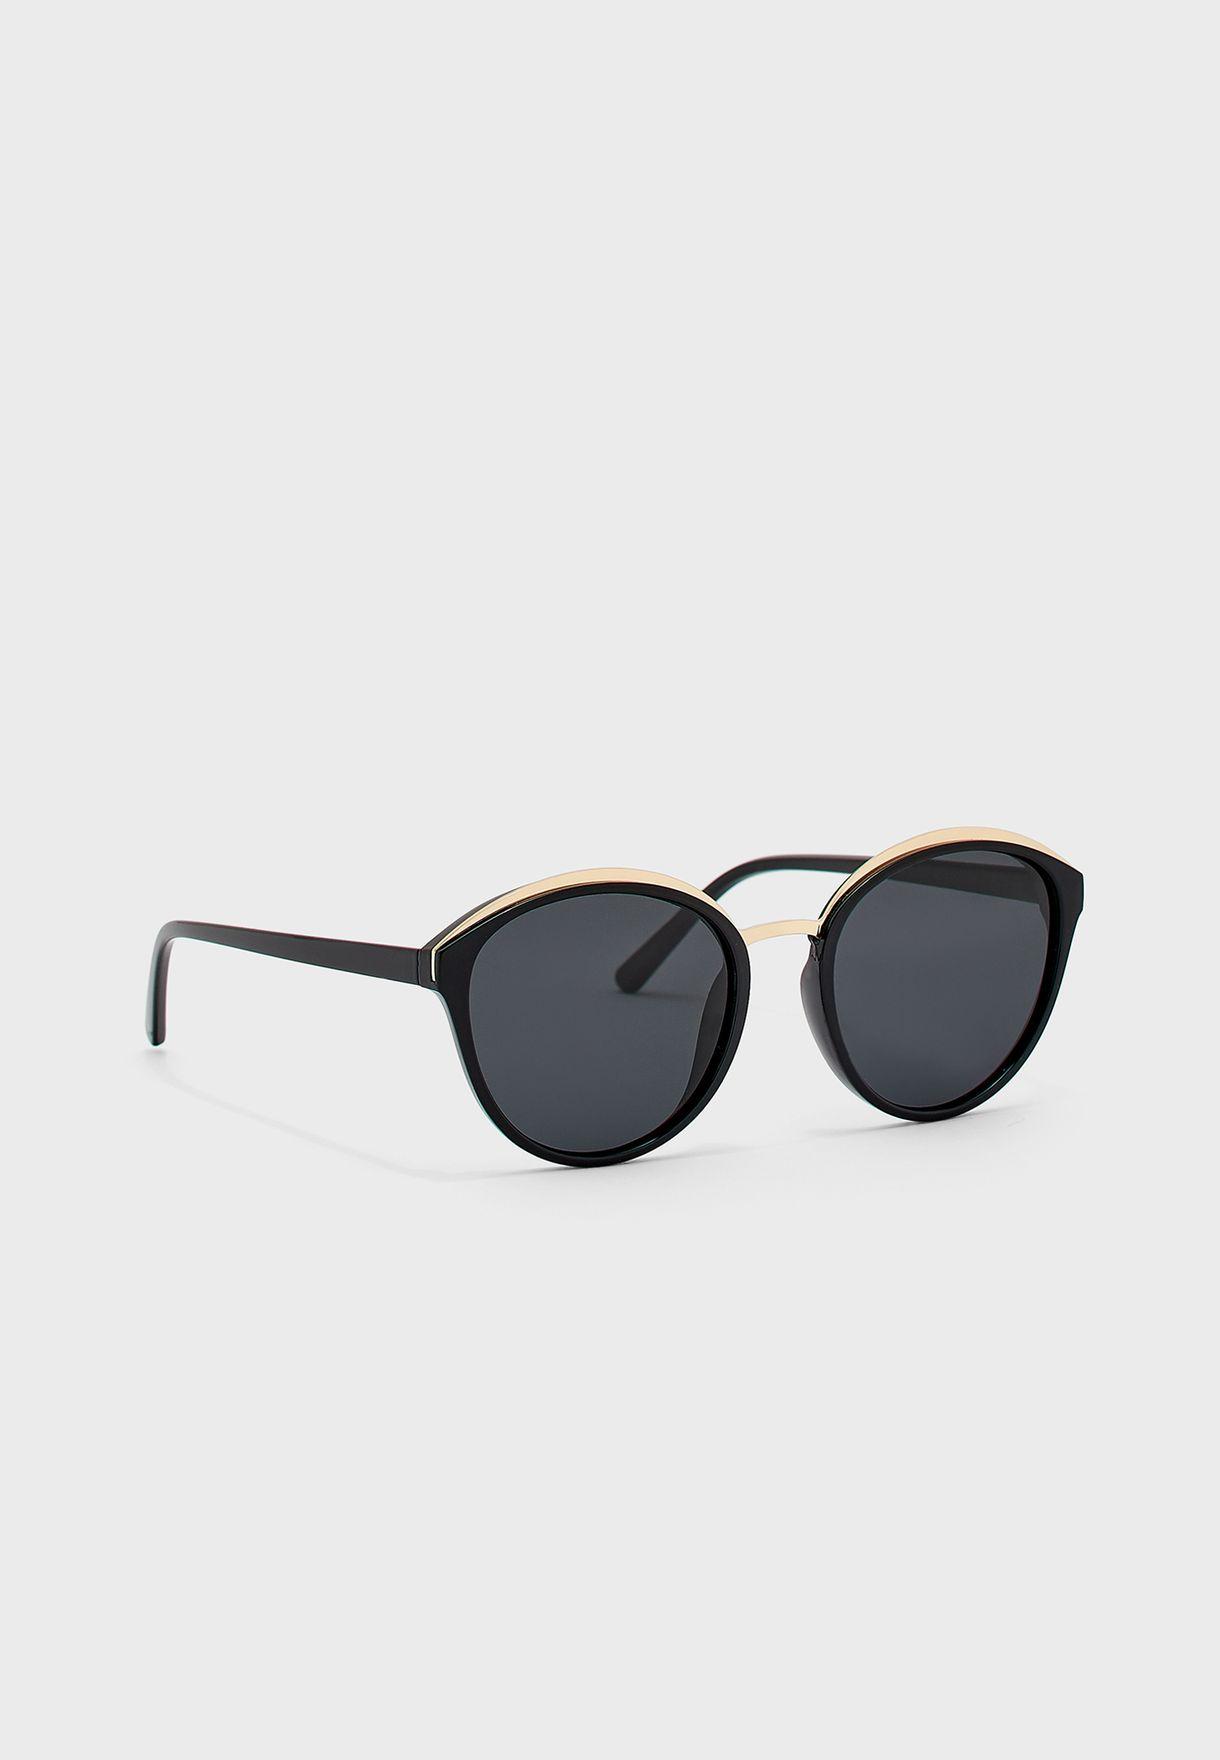 Oversized Catseye Two Colour Polarized Sunglasses